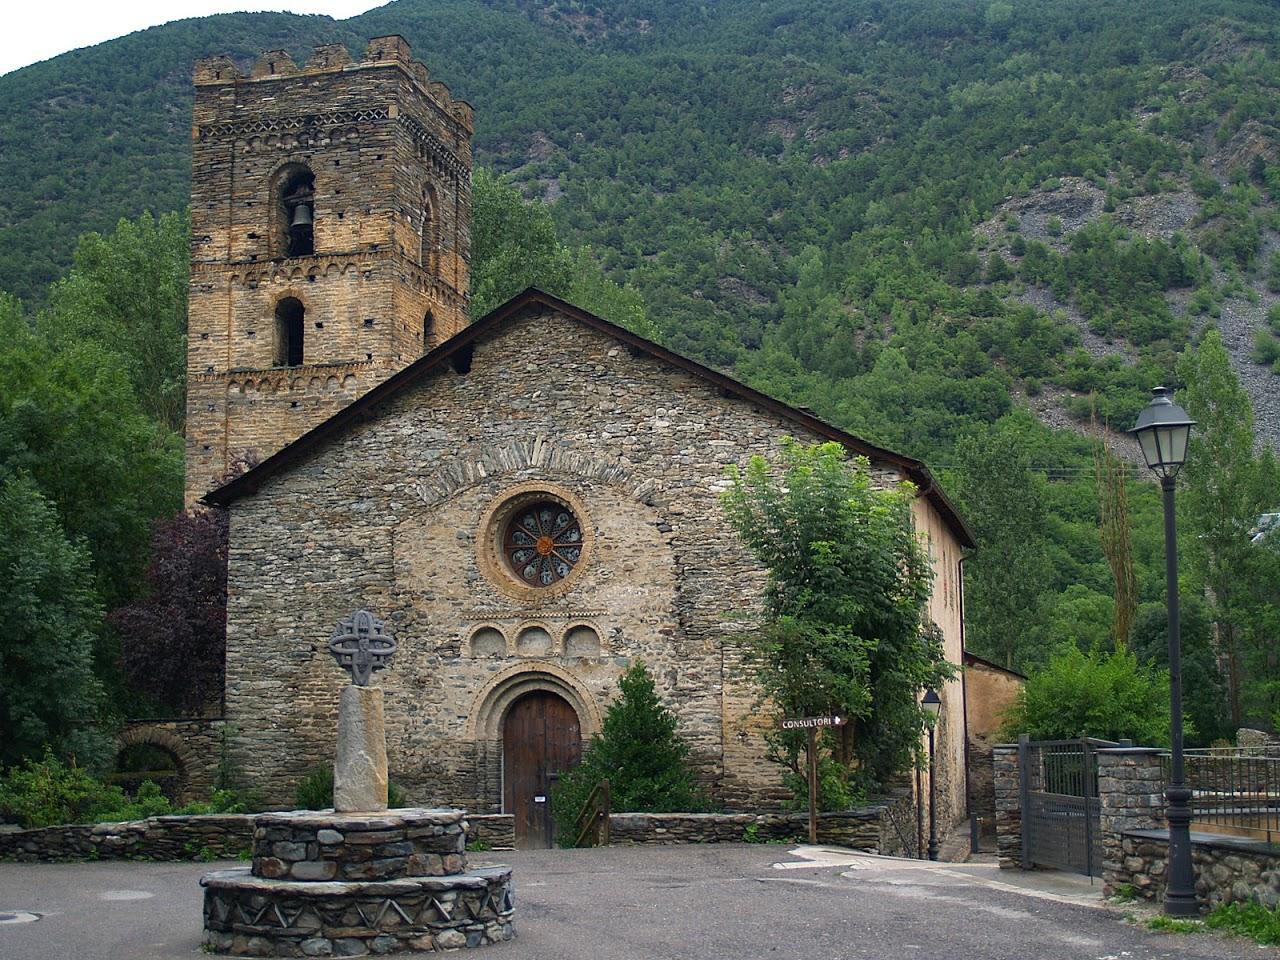 Art romànic, els llocs més bonics dels Pirineus